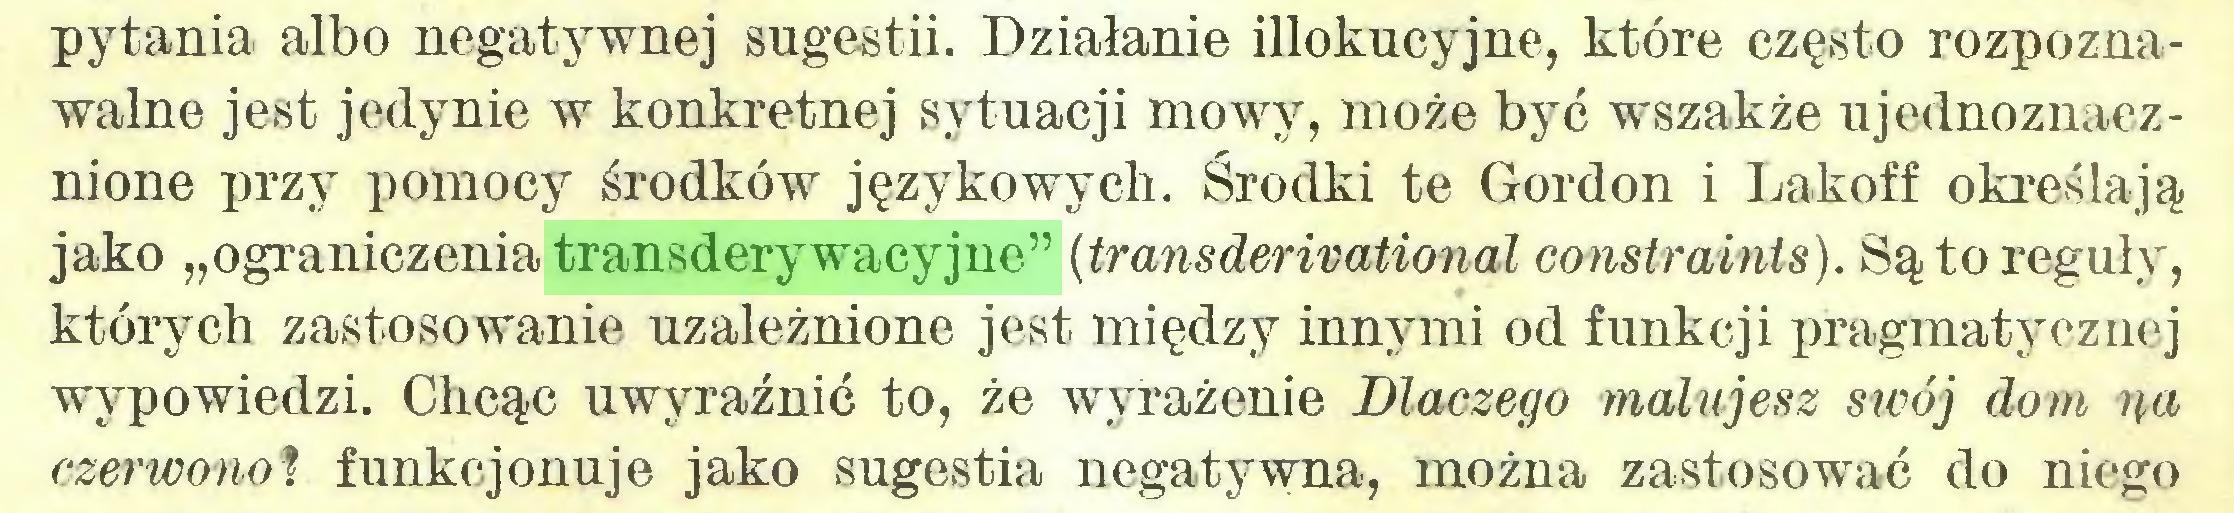 """(...) pytania albo negatywnej sugestii. Działanie illokucyjne, które często rozpoznawalne jest jedynie w konkretnej sytuacji mowy, może być wszakże ujednoznacznione przy pomocy środków językowych. Środki te Gordon i Lakoff określają jako """"ograniczenia transderywacyjne"""" (transderivational constraints). Są to reguły, których zastosowanie uzależnione jest między innymi od funkcji pragmatycznej wypowiedzi. Chcąc uwyraźnić to, że wyrażenie Dlaczego malujesz swój dom na czerwono? funkcjonuje jako sugestia negatywna, można zastosować do niego..."""